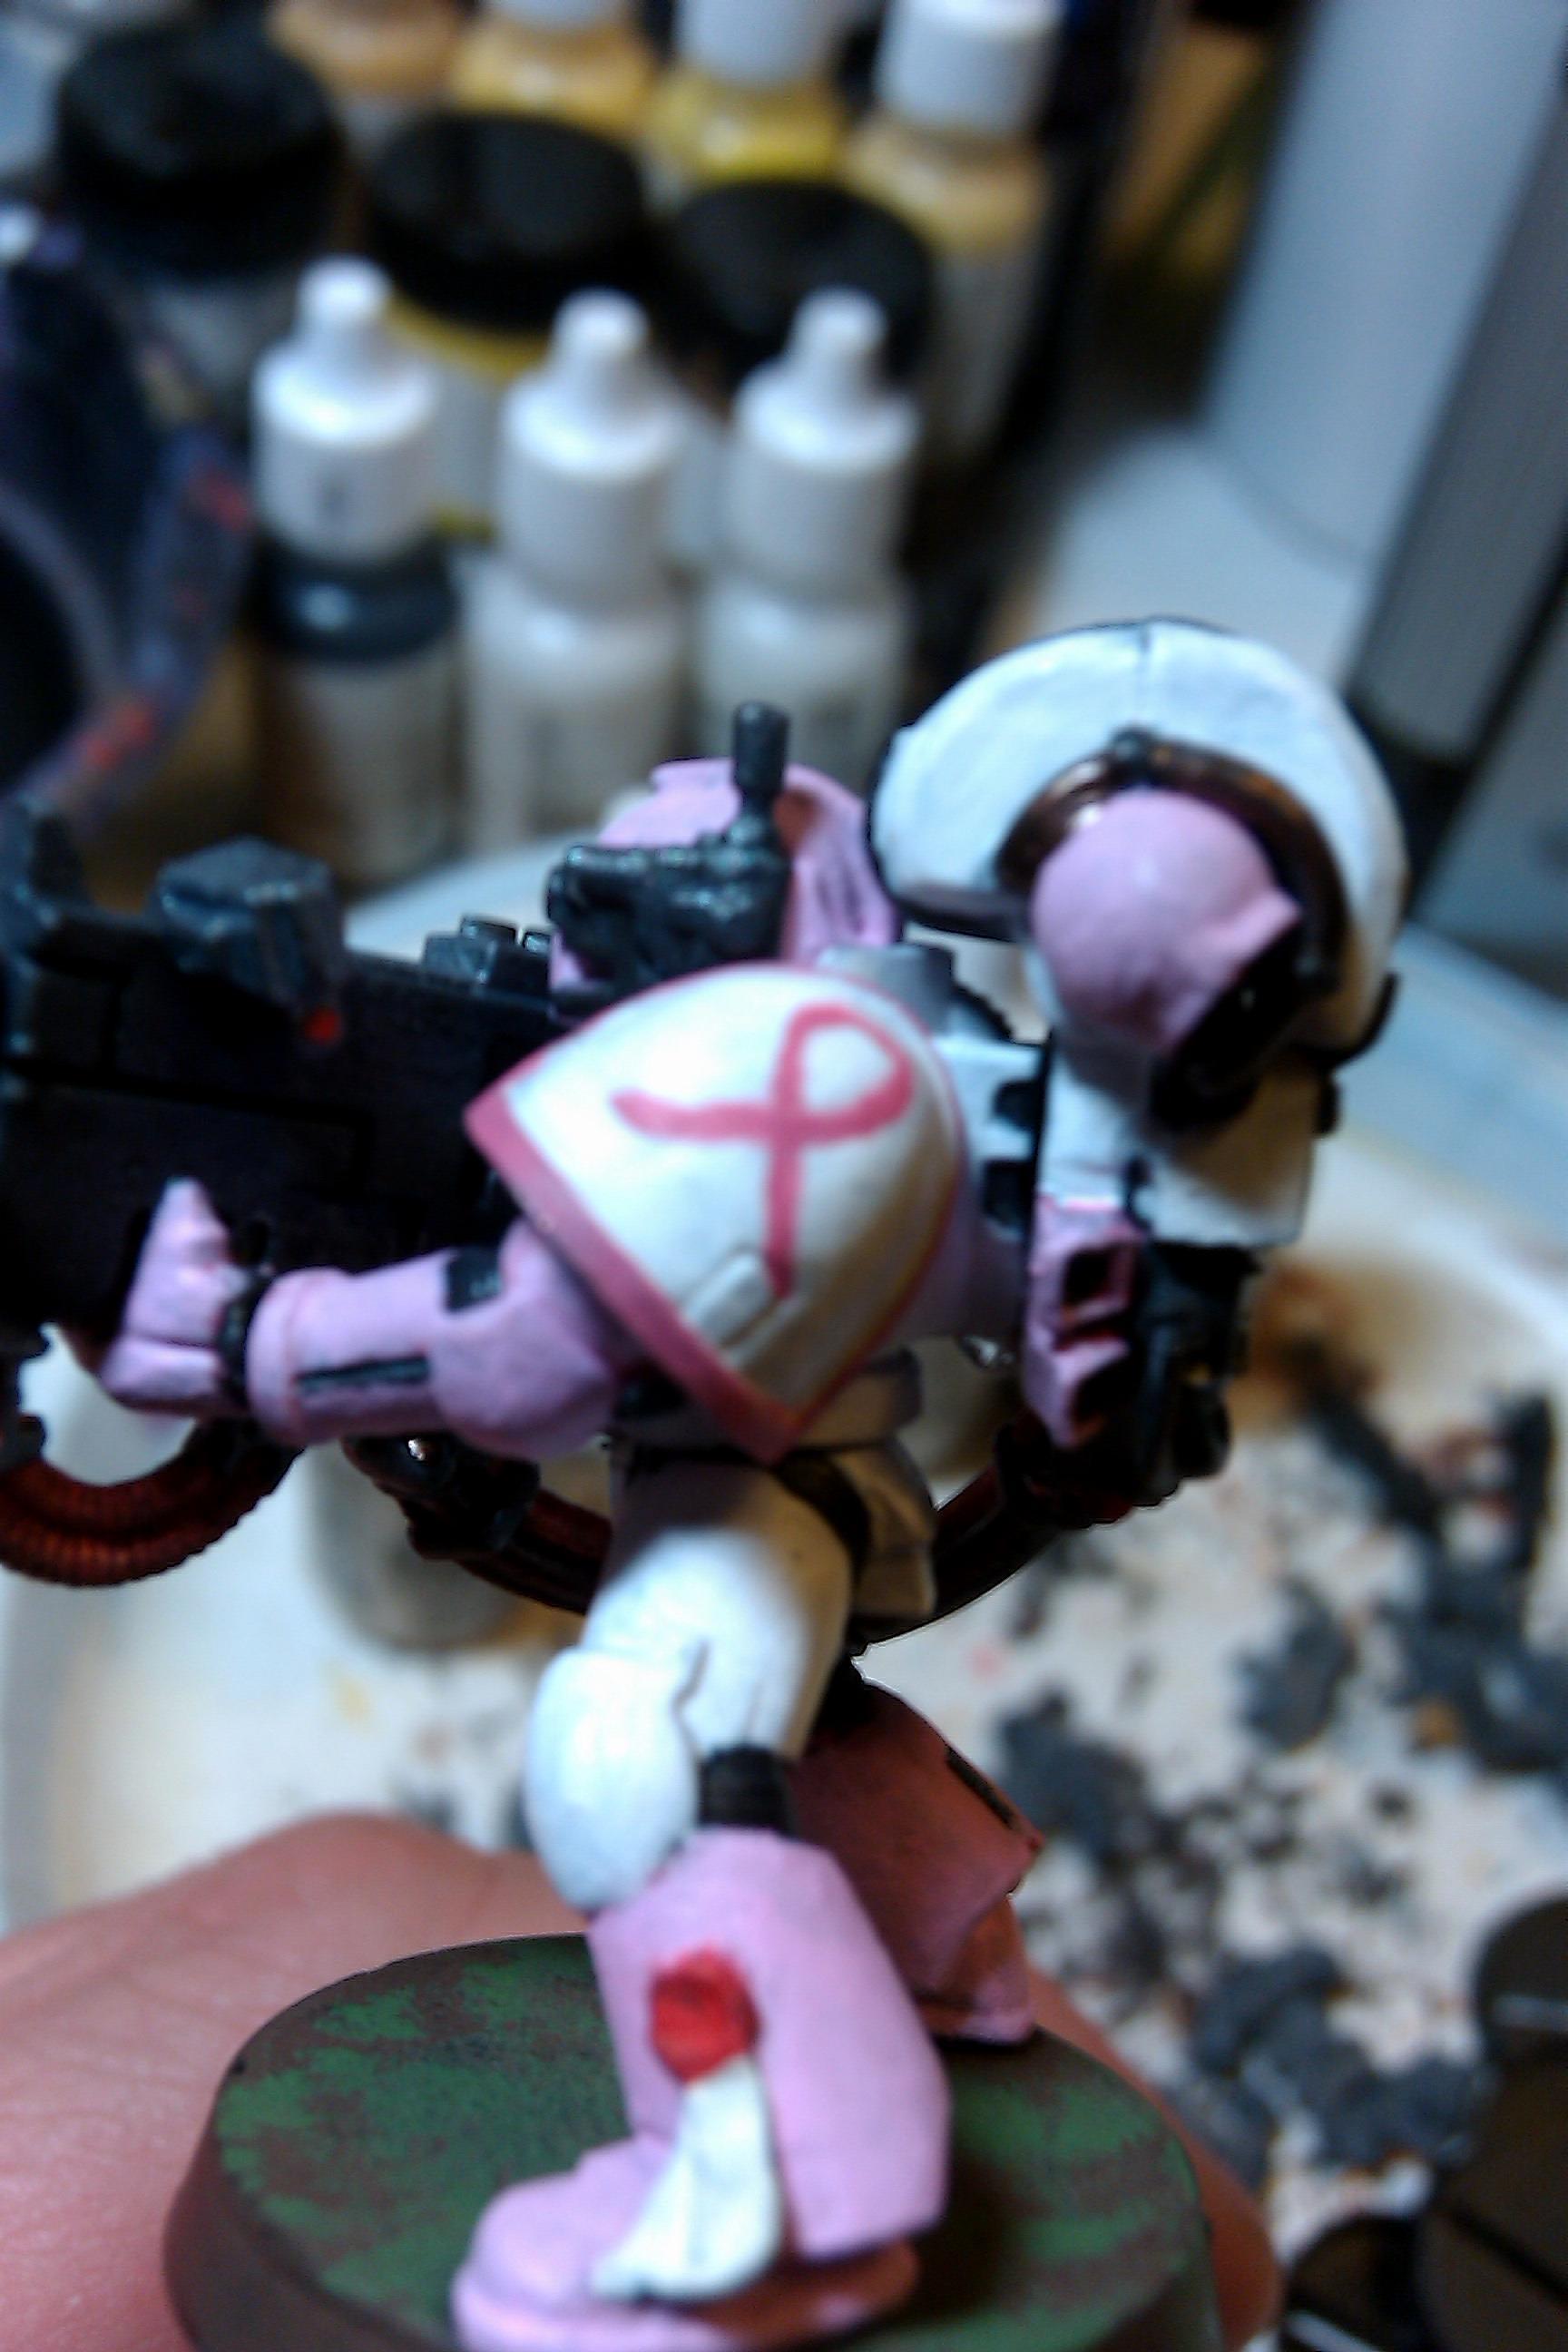 2nd Base, Breast Cancer, Multimelta, Pink, Second Base